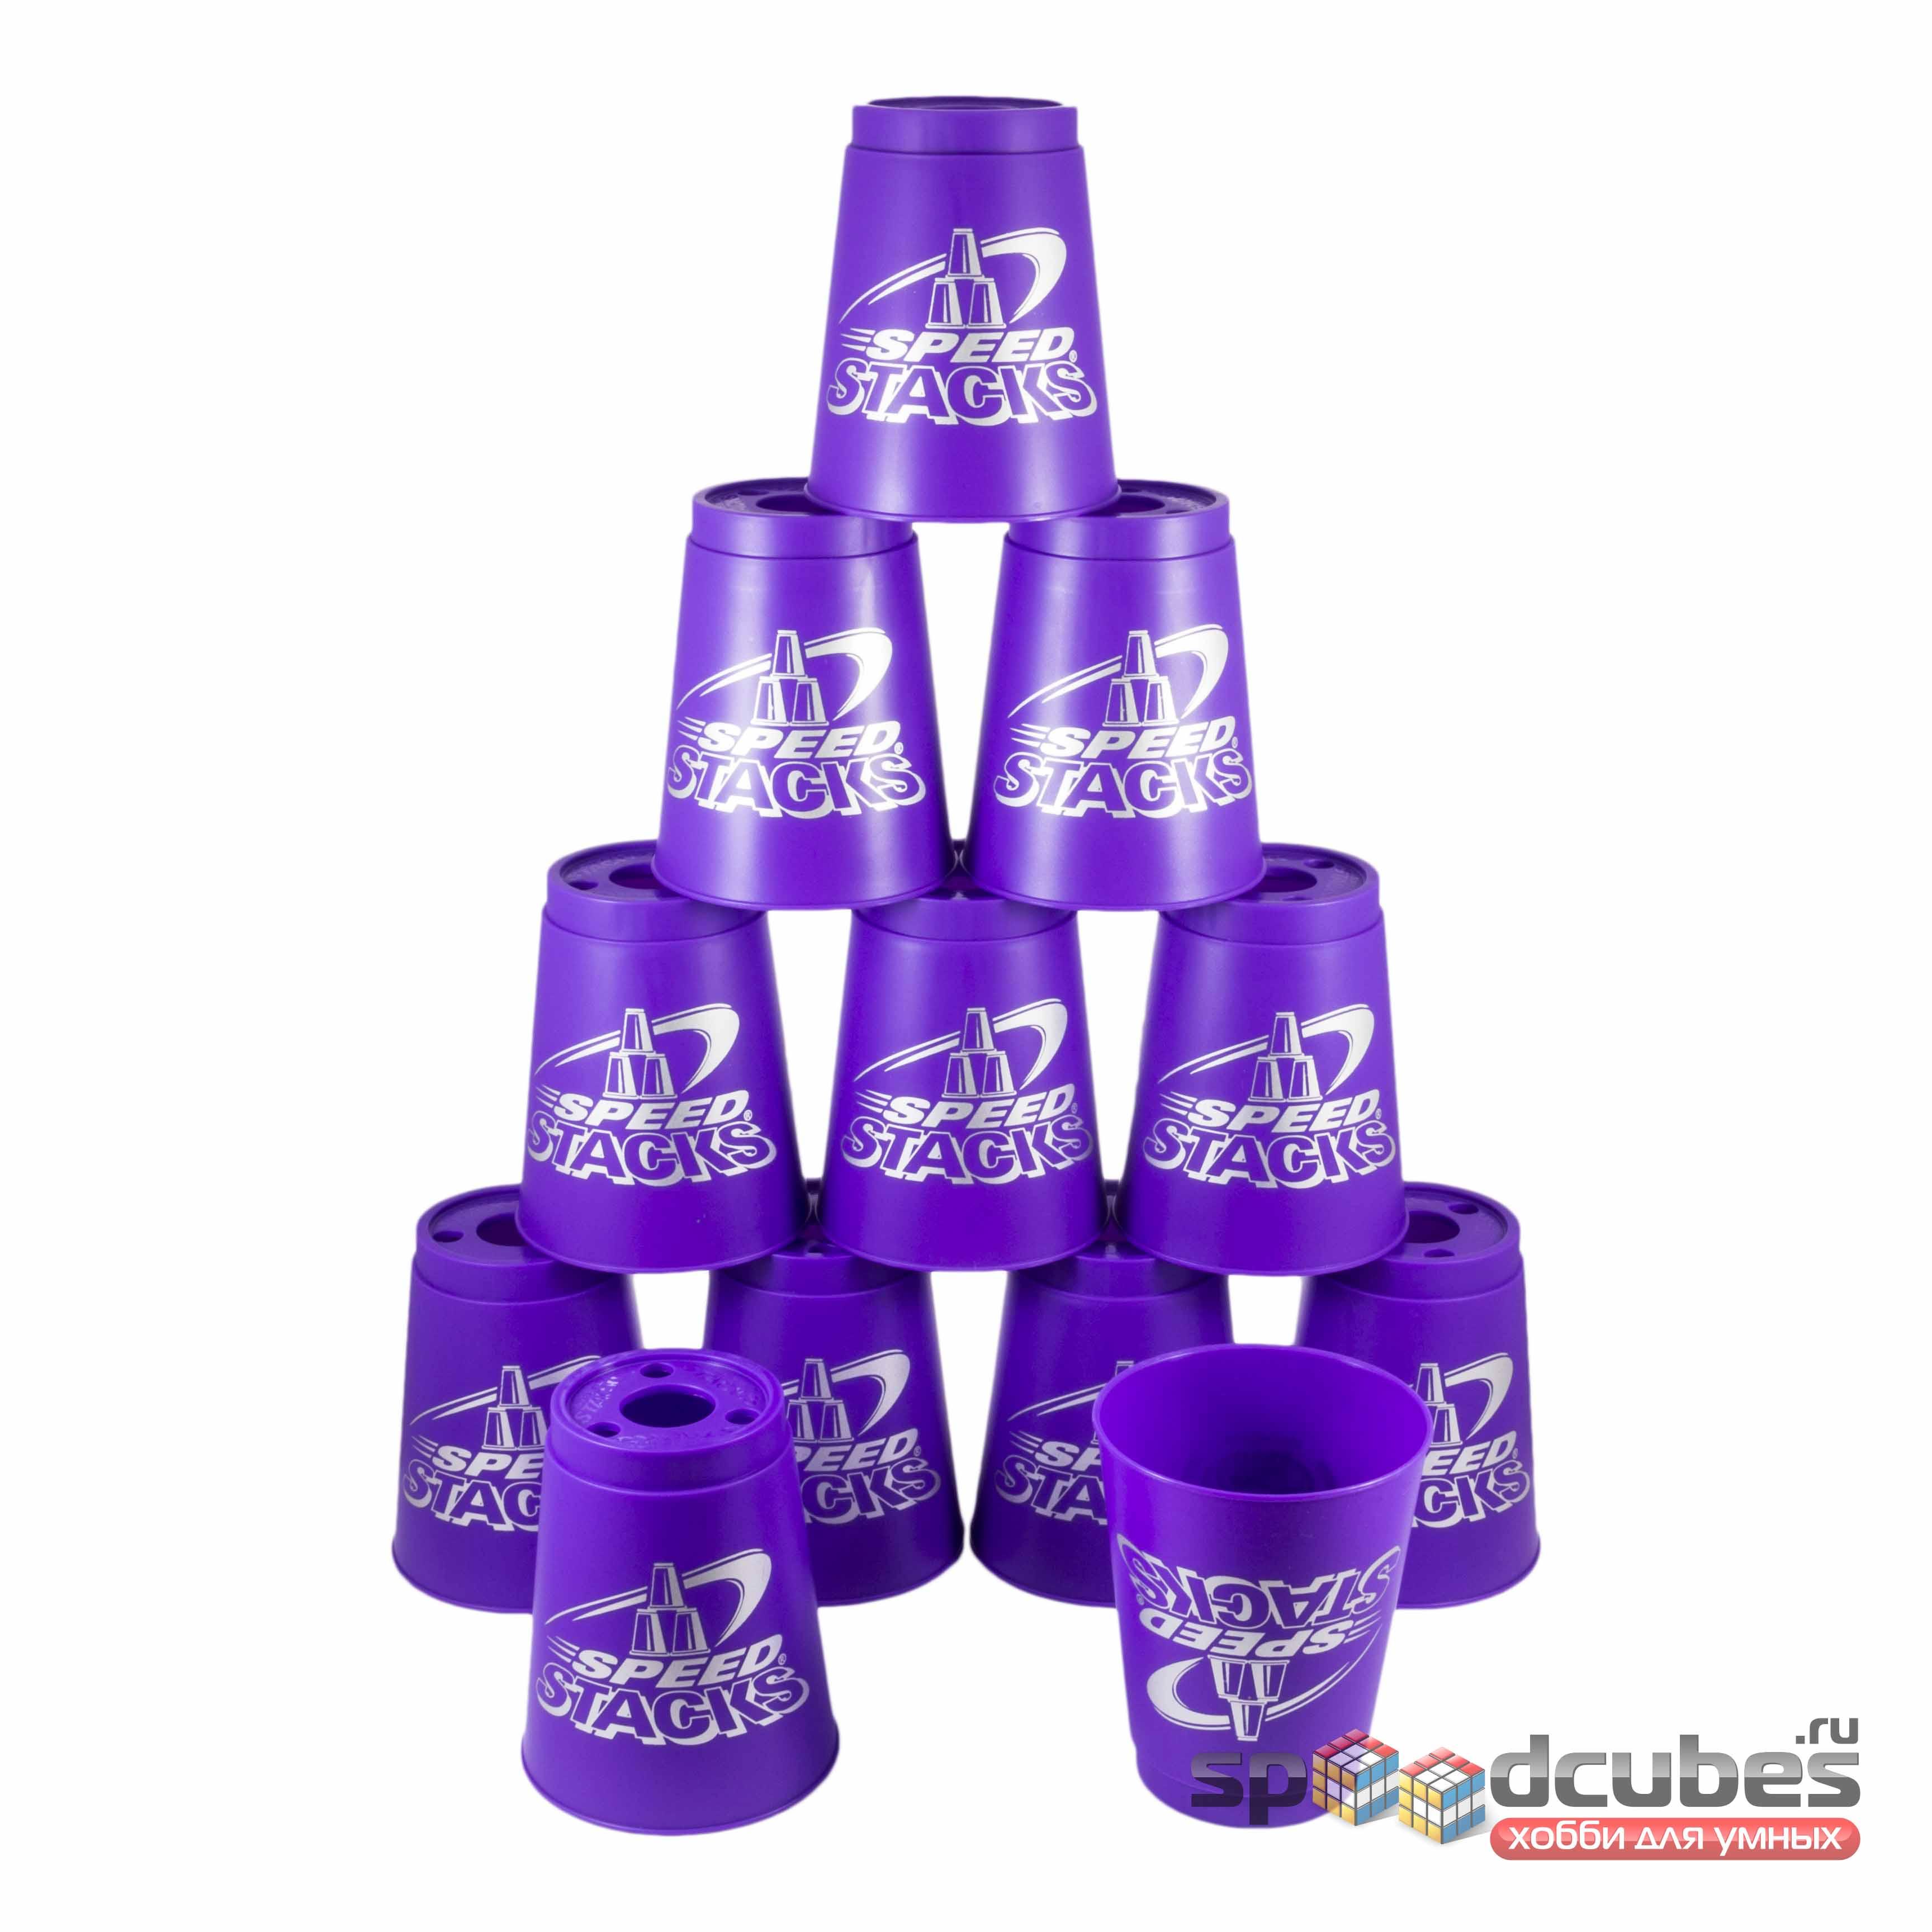 SpeedStacks Cups стаканы для капстекинга